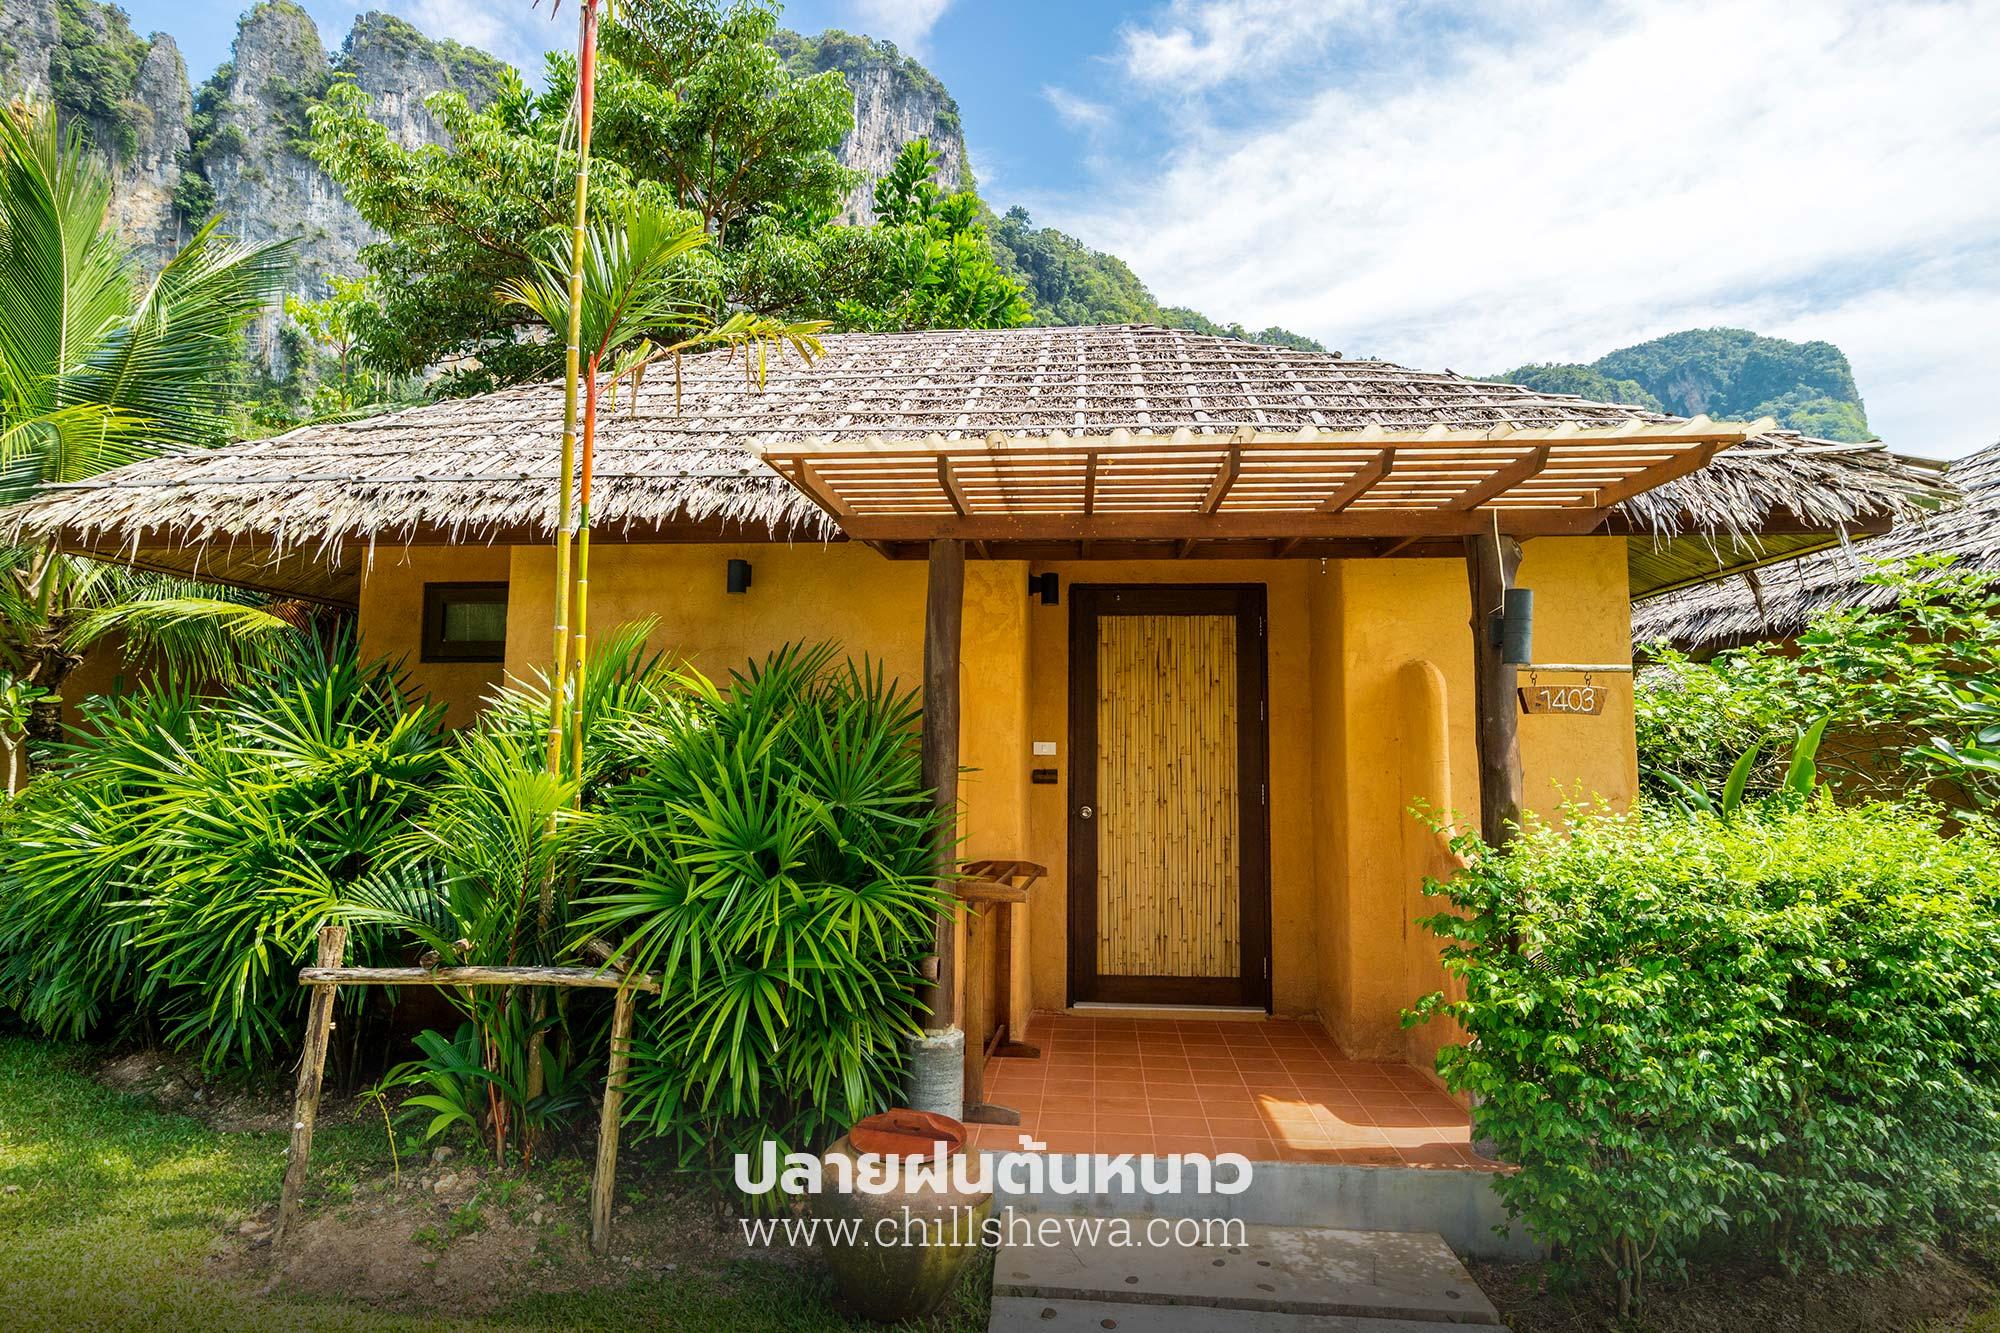 บ้านใสใน รีสอร์ท BAAN SAINAI RESORT  บ้านใสใน รีสอร์ท Ban Sainai Resort อ่าวนาง กระบี่                                                BAAN SAINAI RESORT 05